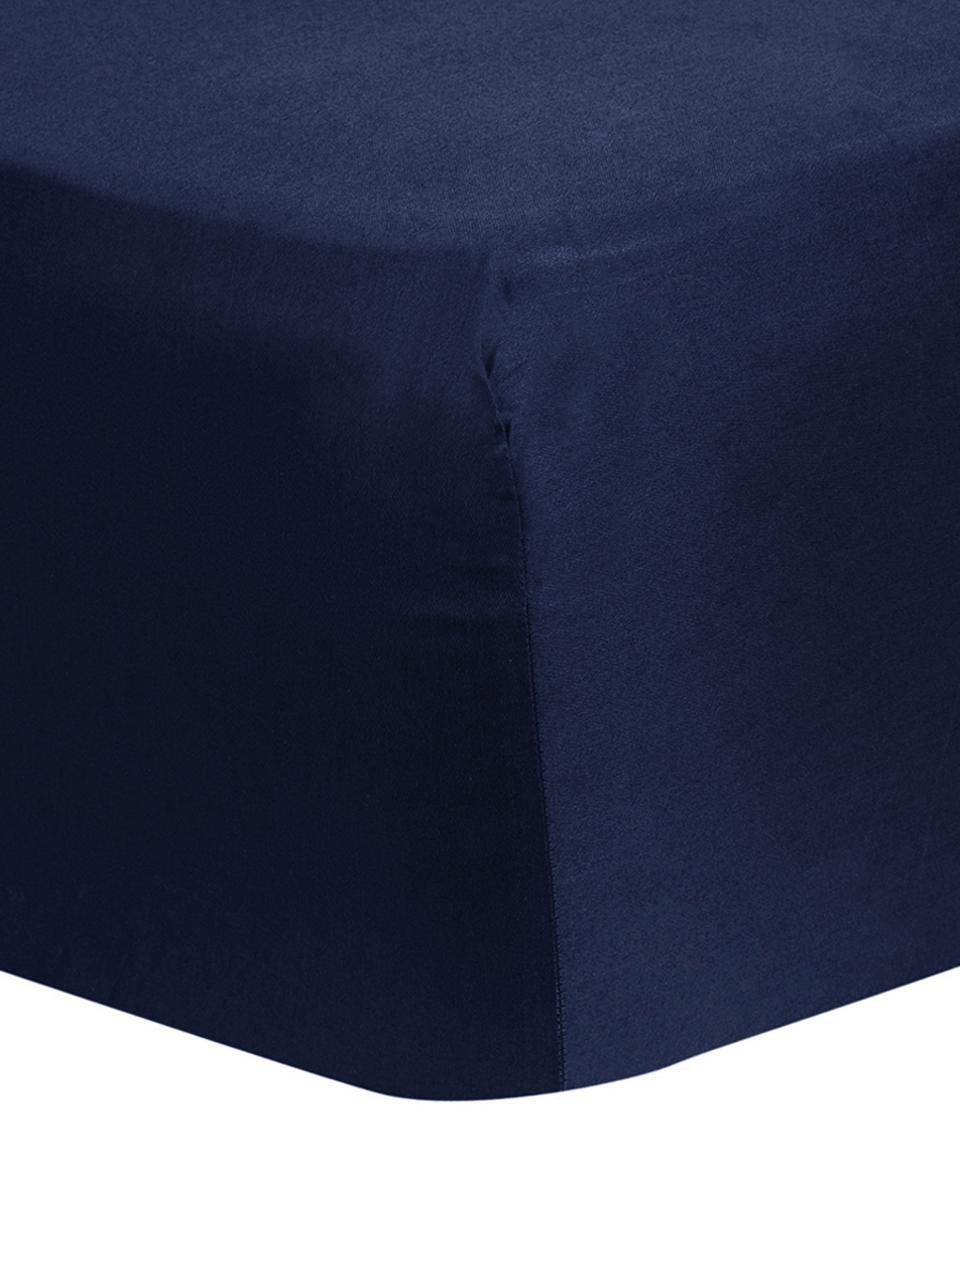 Drap-housse en satin de coton bleu foncé pour sommier tapissier Comfort, Bleu foncé